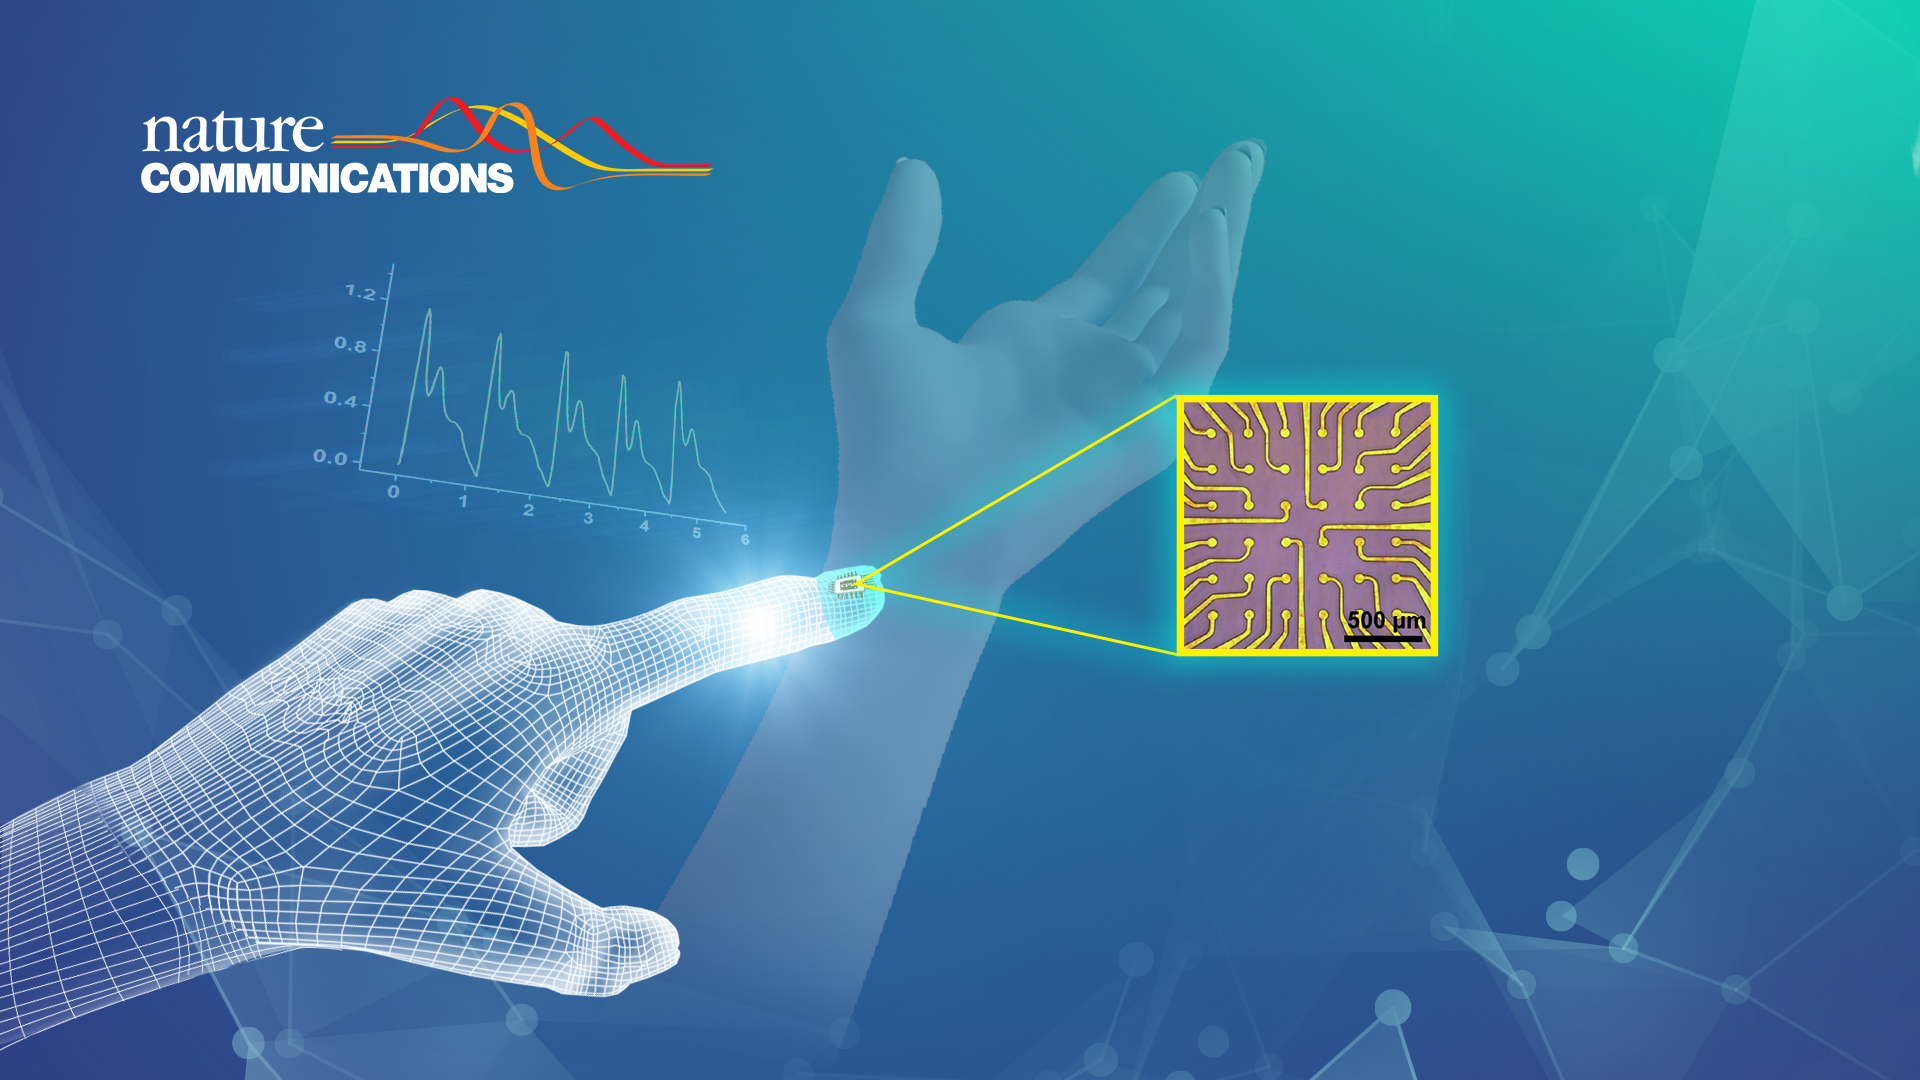 郭传飞课题组研制出最高压力分辨率的柔性压力传感器